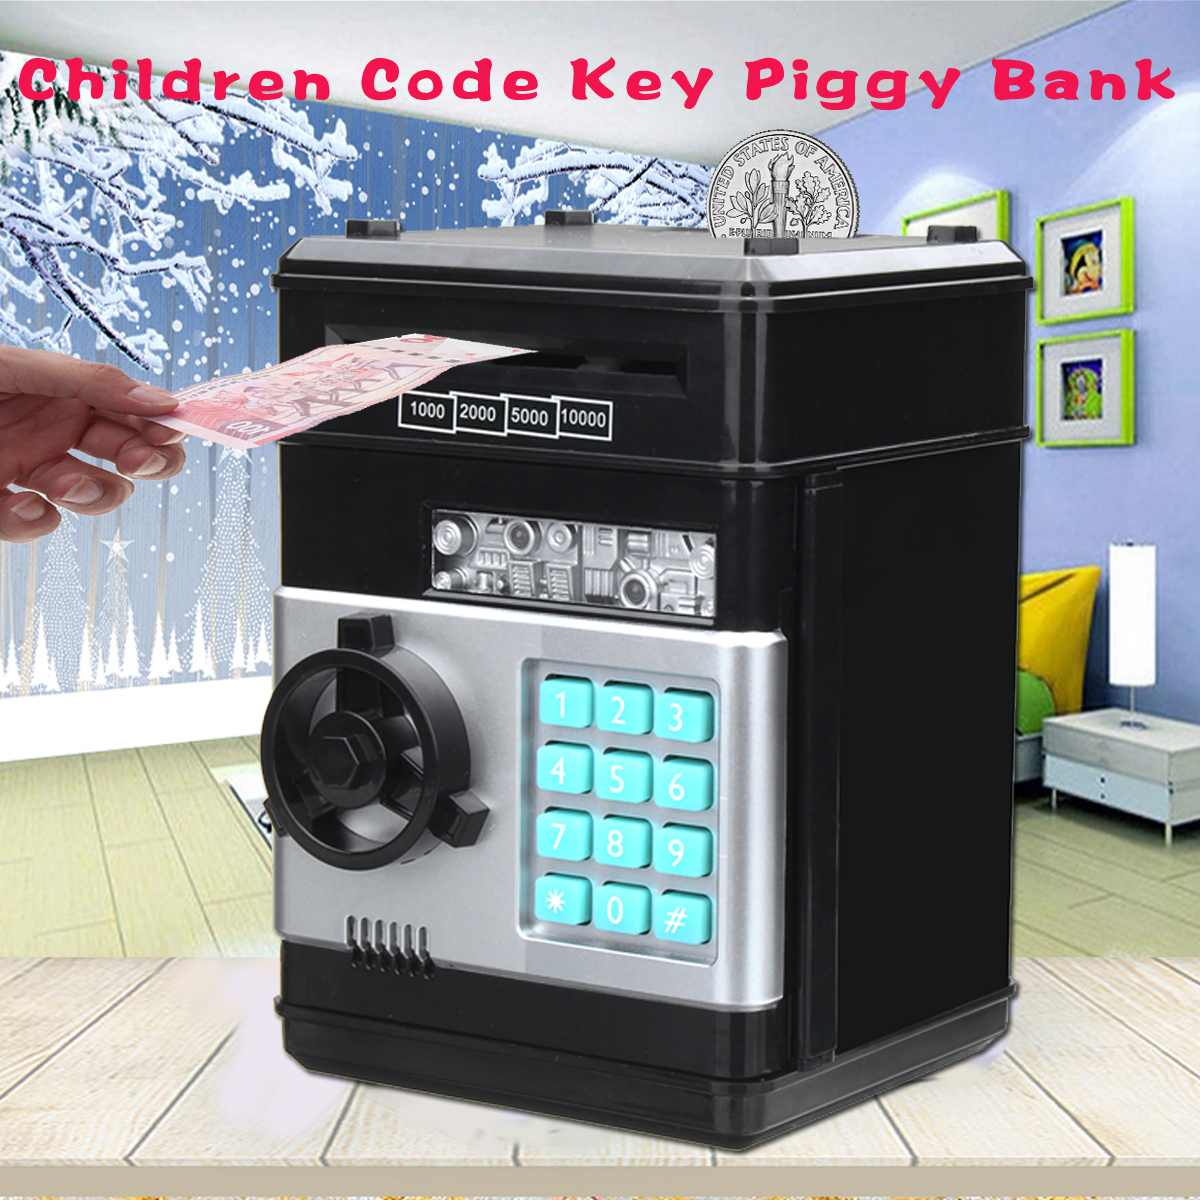 Электронная Копилка с кодовым замком, автоматическая копилка с кодом для сохранения купюр и монет, мини-Сейф для счетчиков, детский подарок